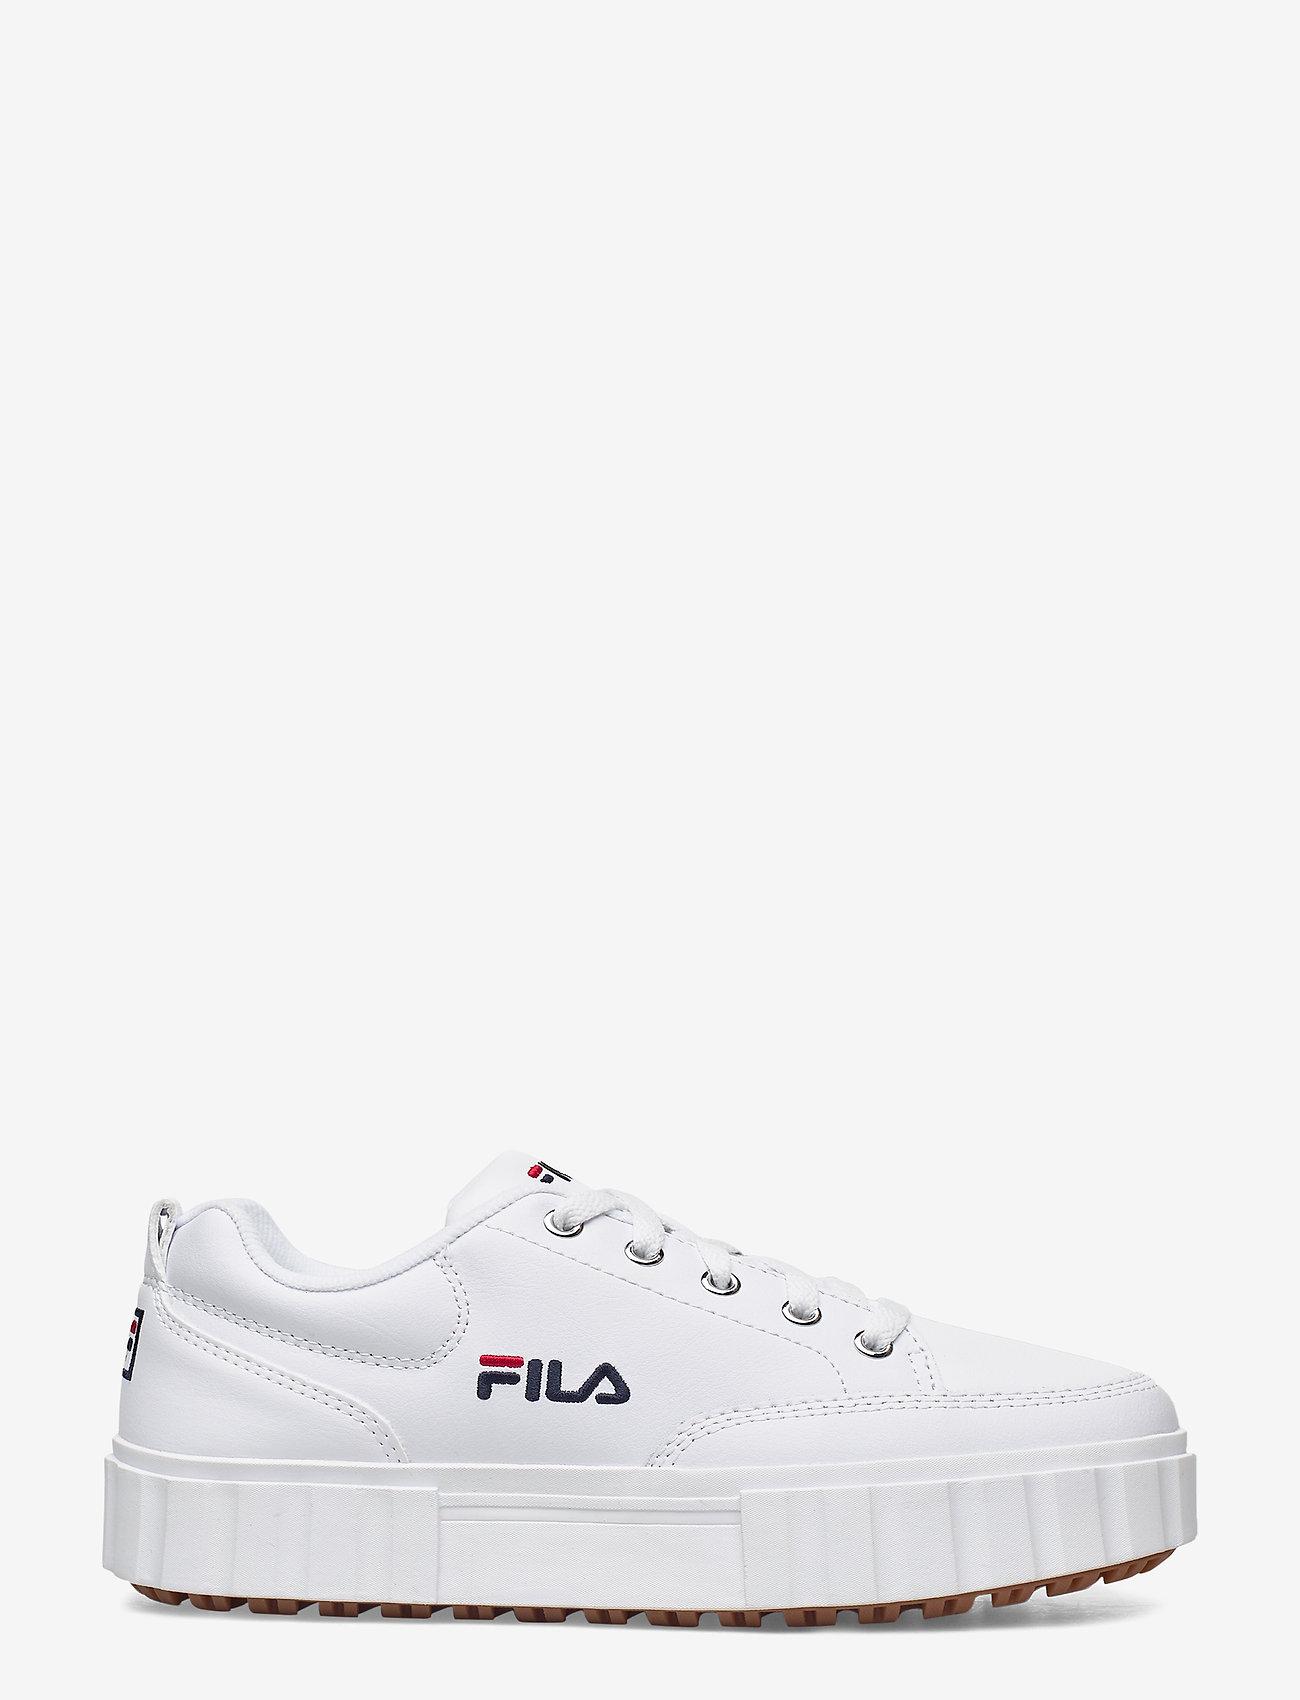 FILA - Sandblast L wmn - baskets basses - white - 1